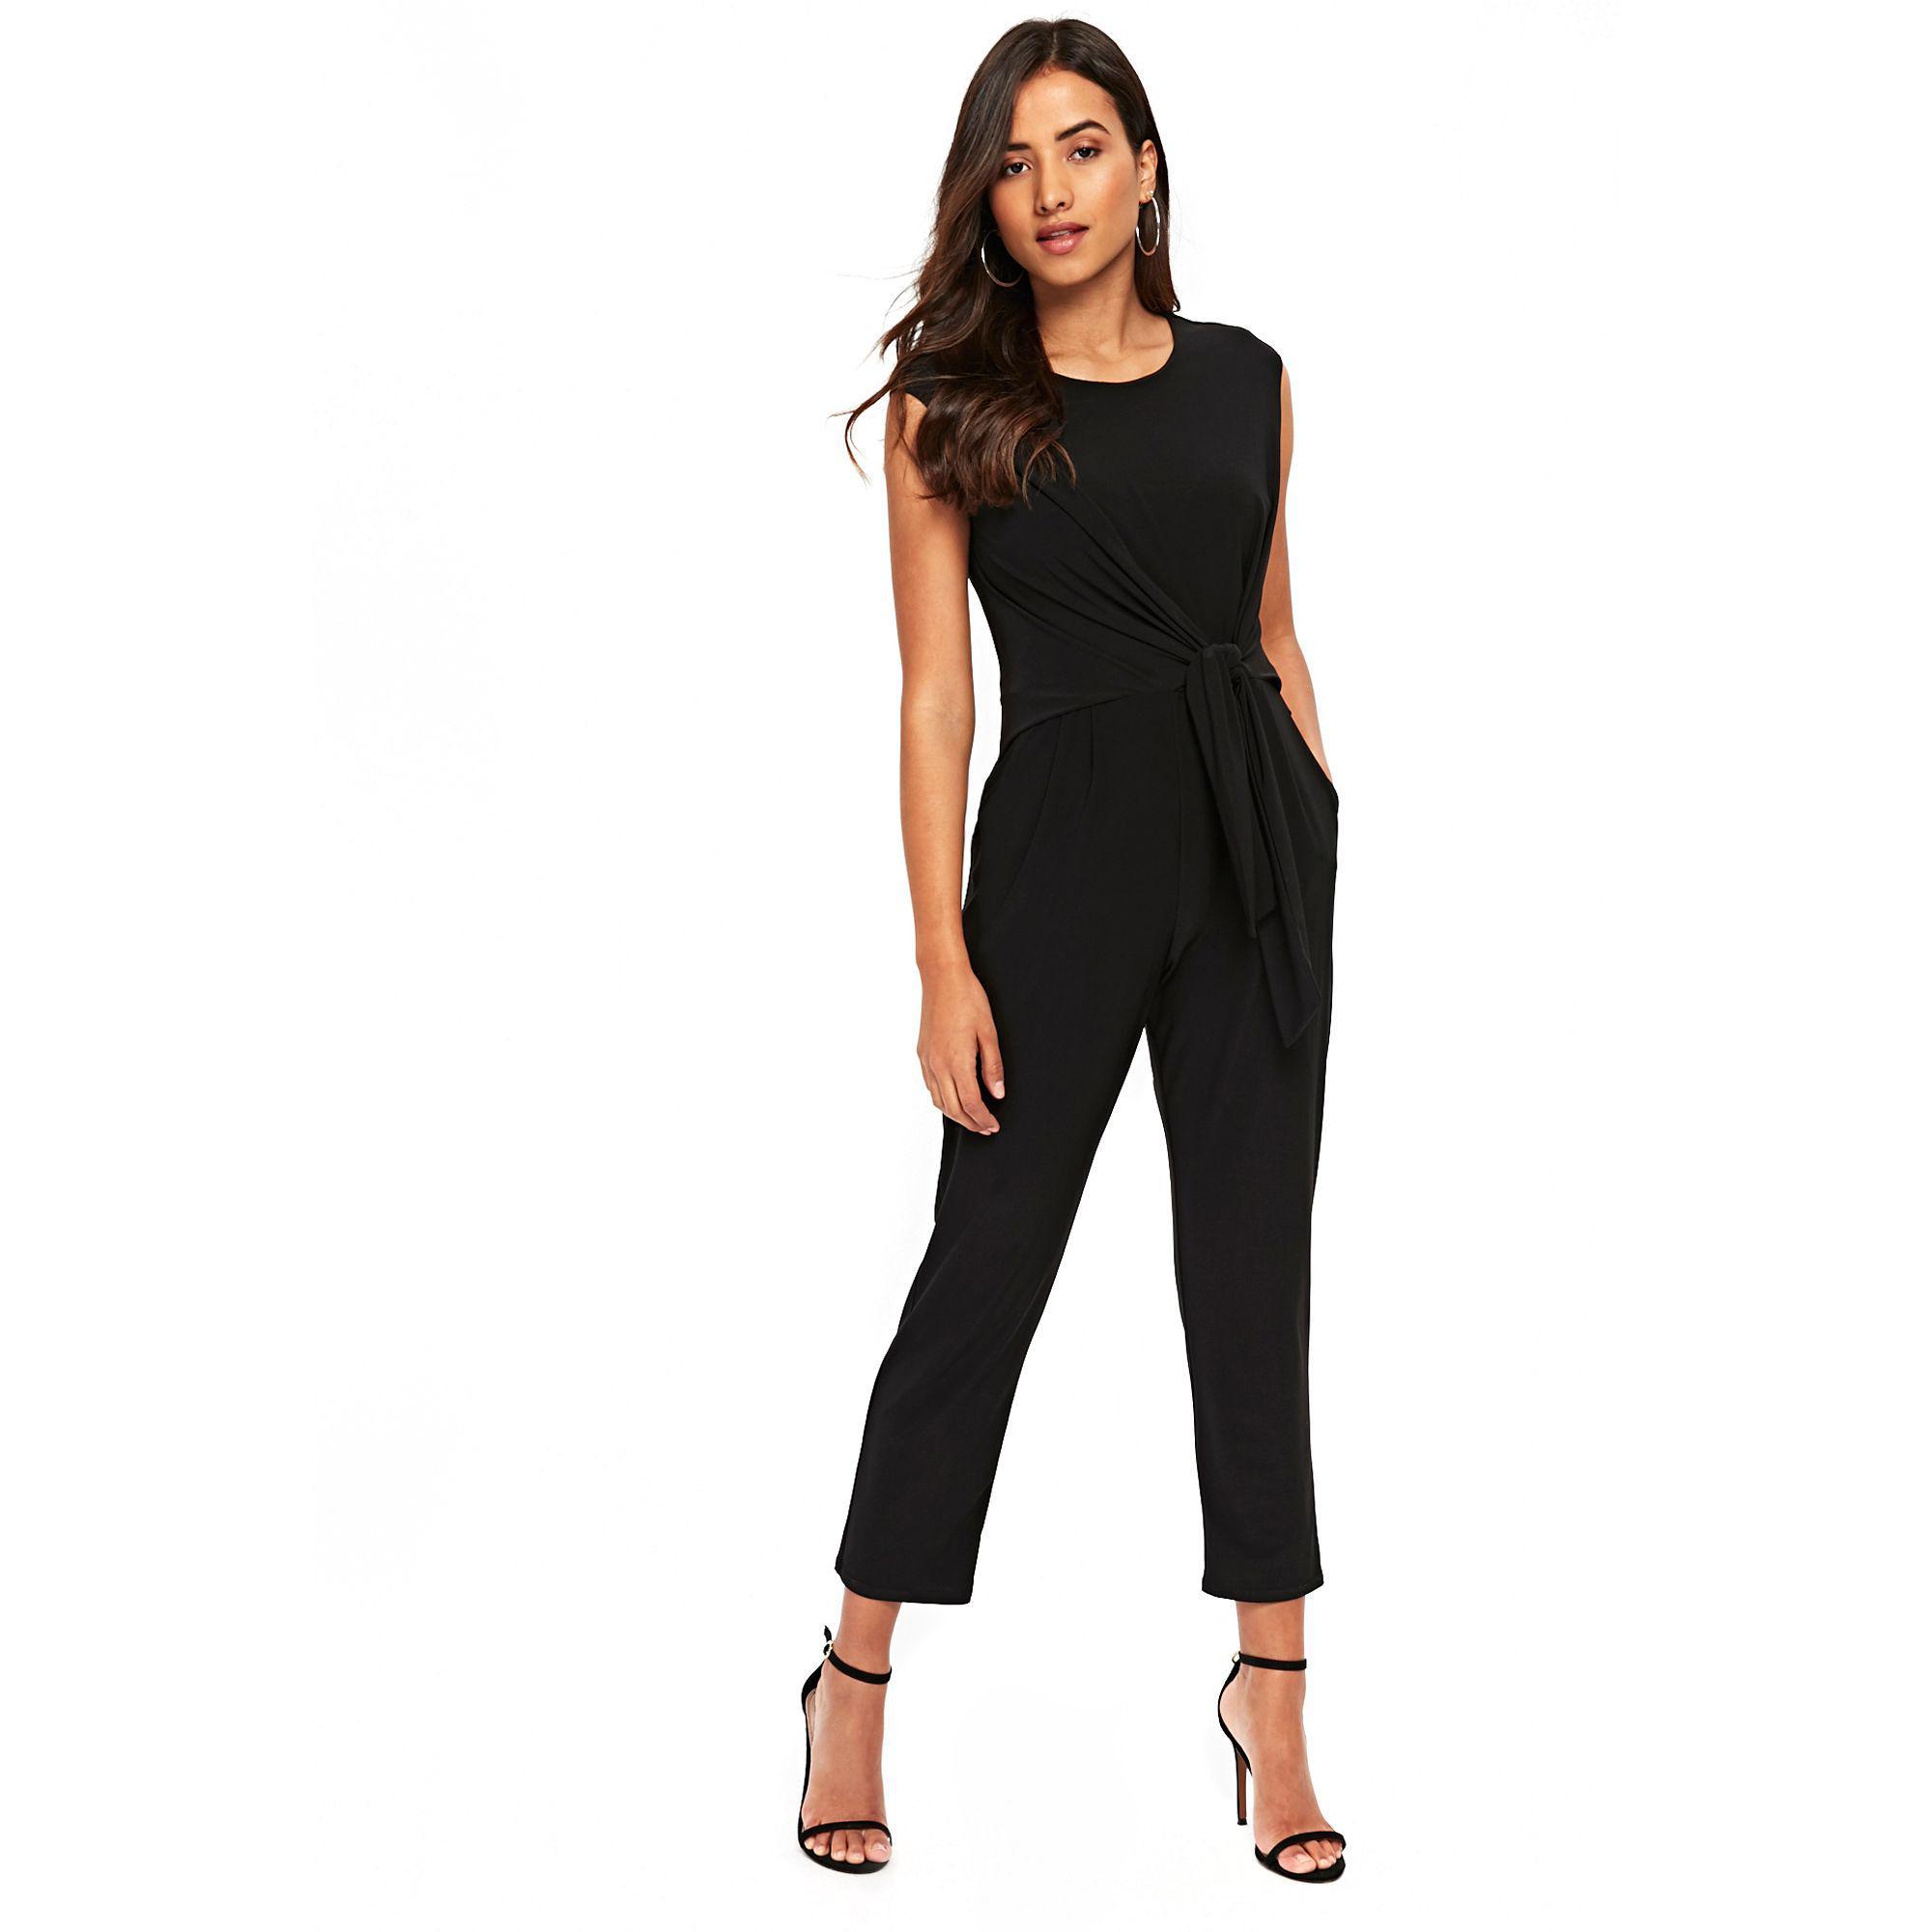 0e9f8d5df47a Wallis Petite Black Tie Side Jumpsuit in Black - Lyst